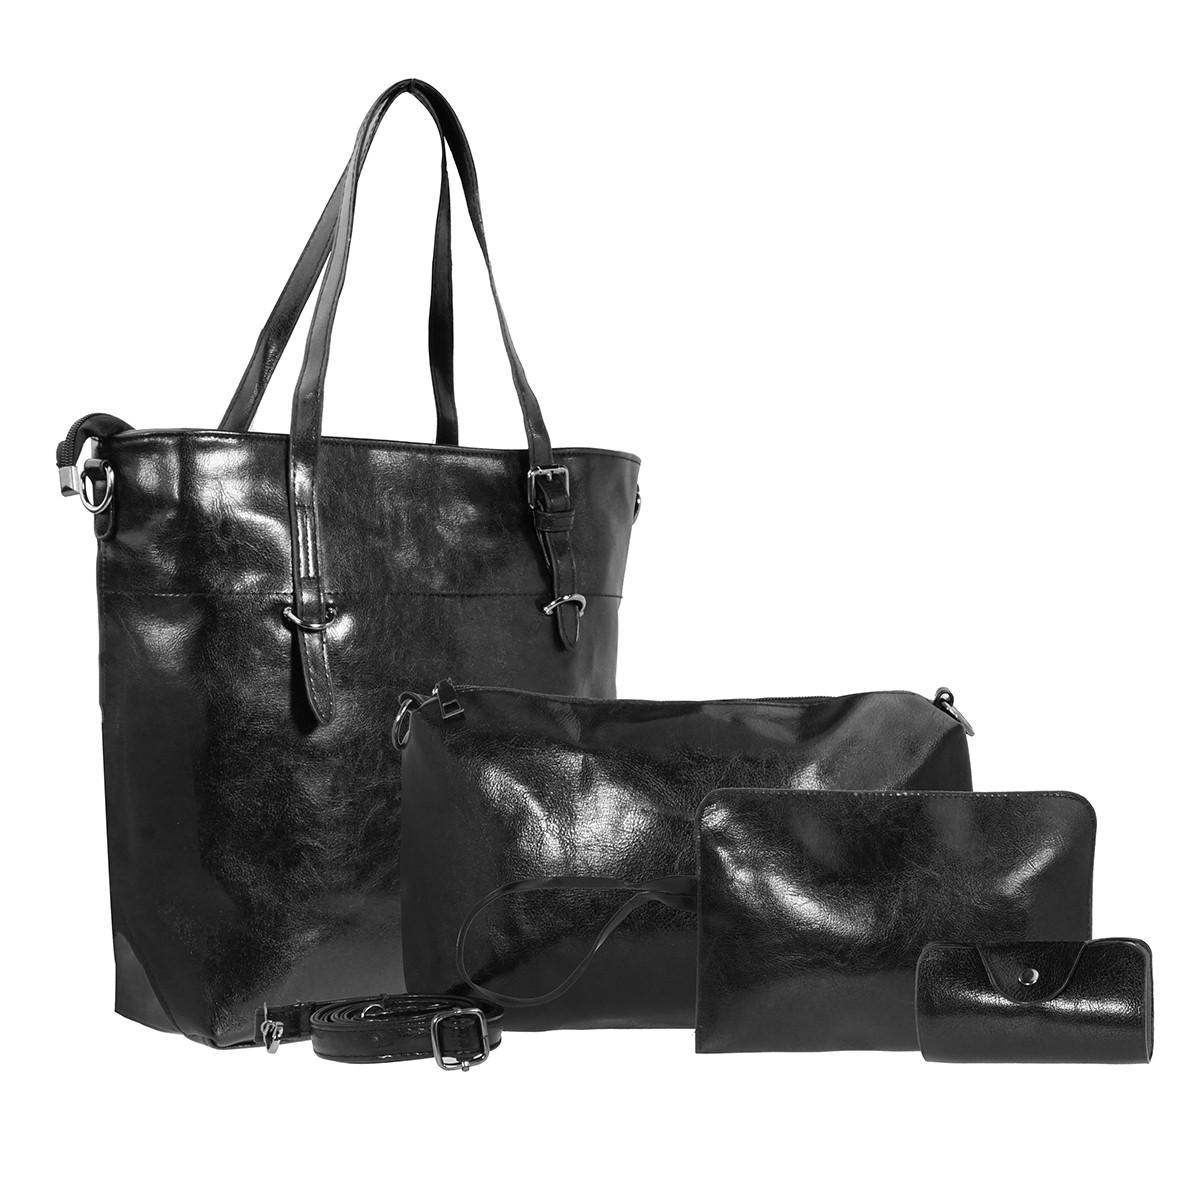 Практичный набор женских сумок из искусственной кожи 4 шт. (уценка)